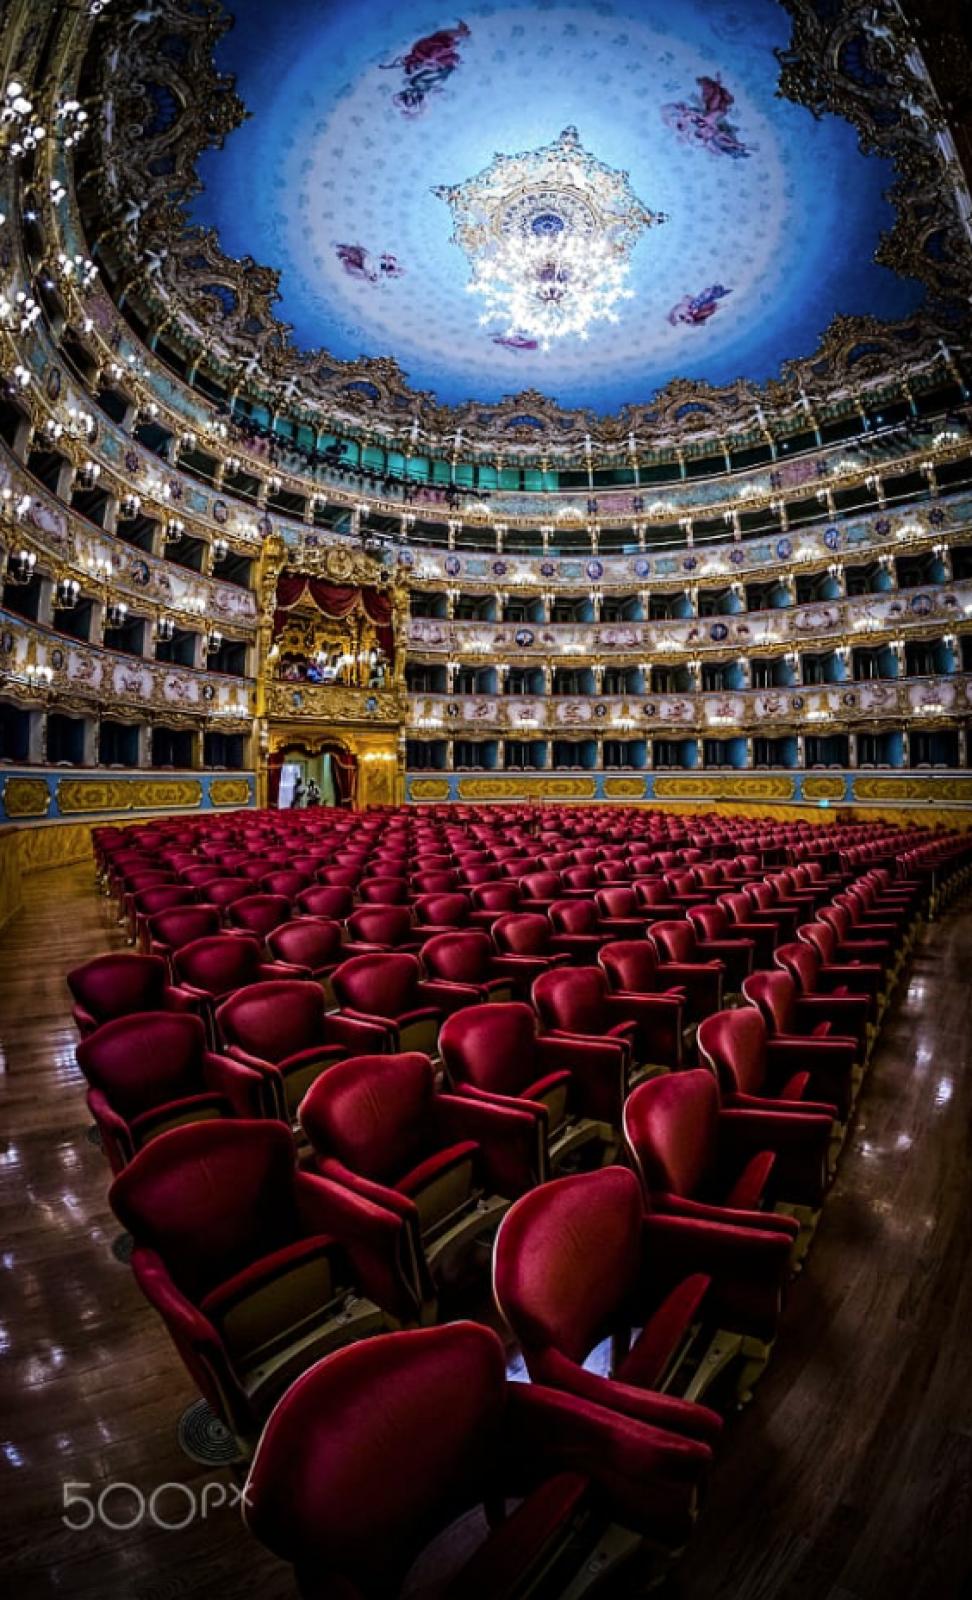 Вместе с Маркграфским театром и Парижской национальной оперой, за звание самого роскошного и престижного театра в мире может побороться еще театр «Ла Фениче», который находится в Венеции